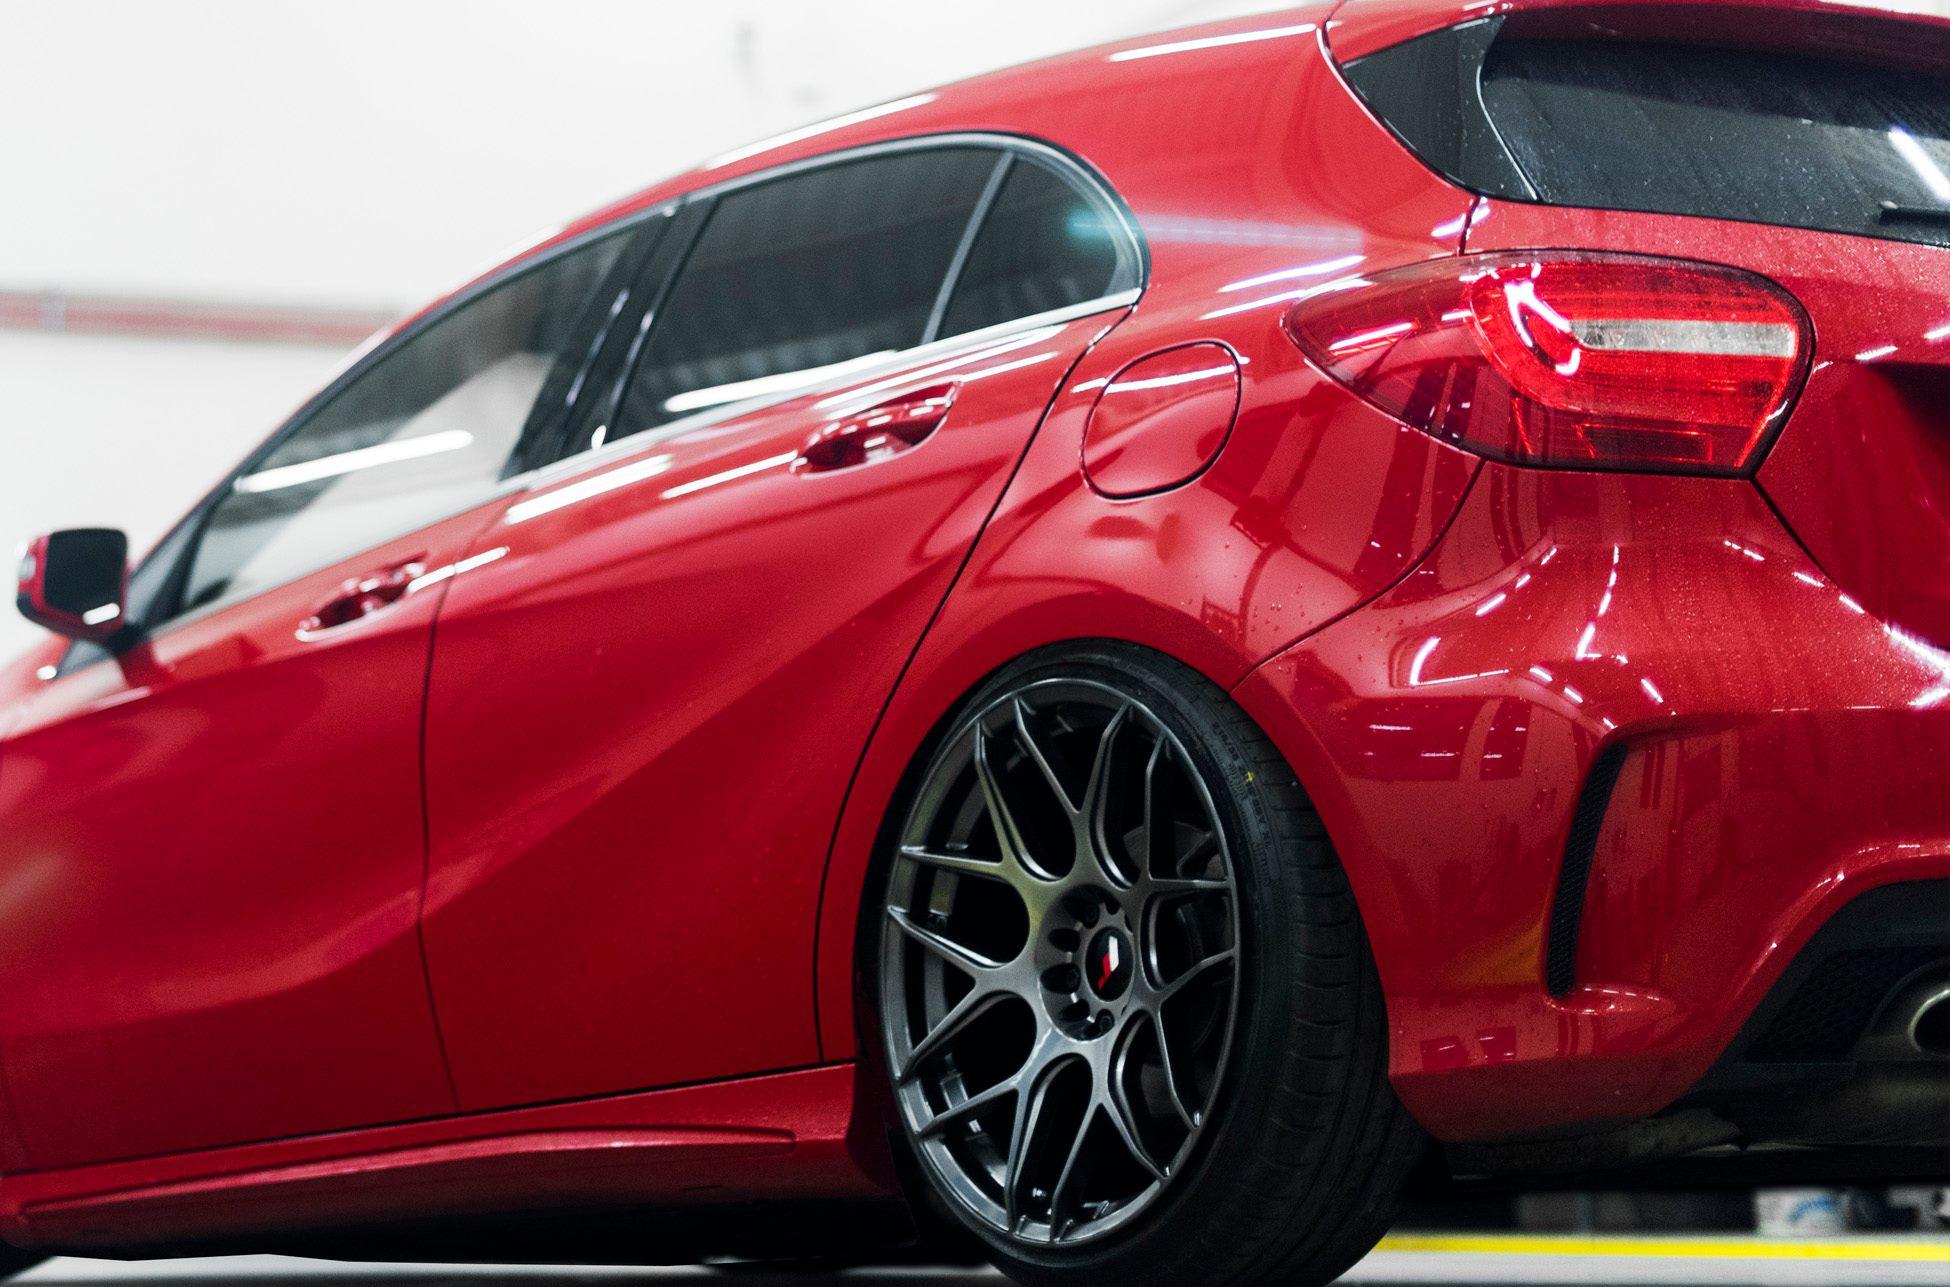 Jr18 red merc